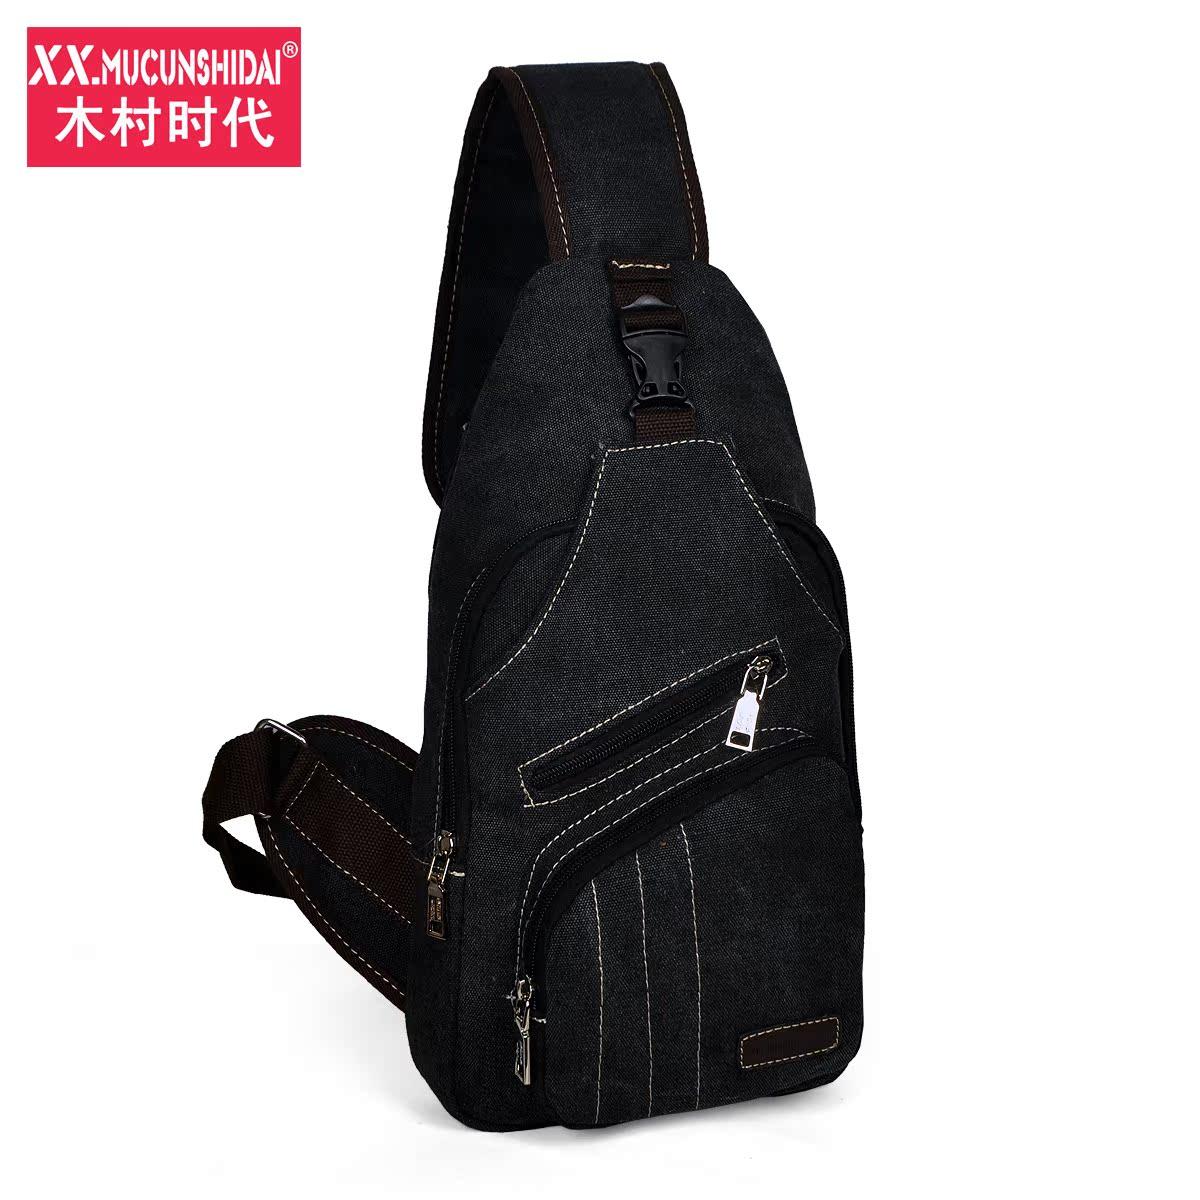 сумка Xinxinmucun times 6030 stout муфта вв переходная никелированная 11 4x3 4